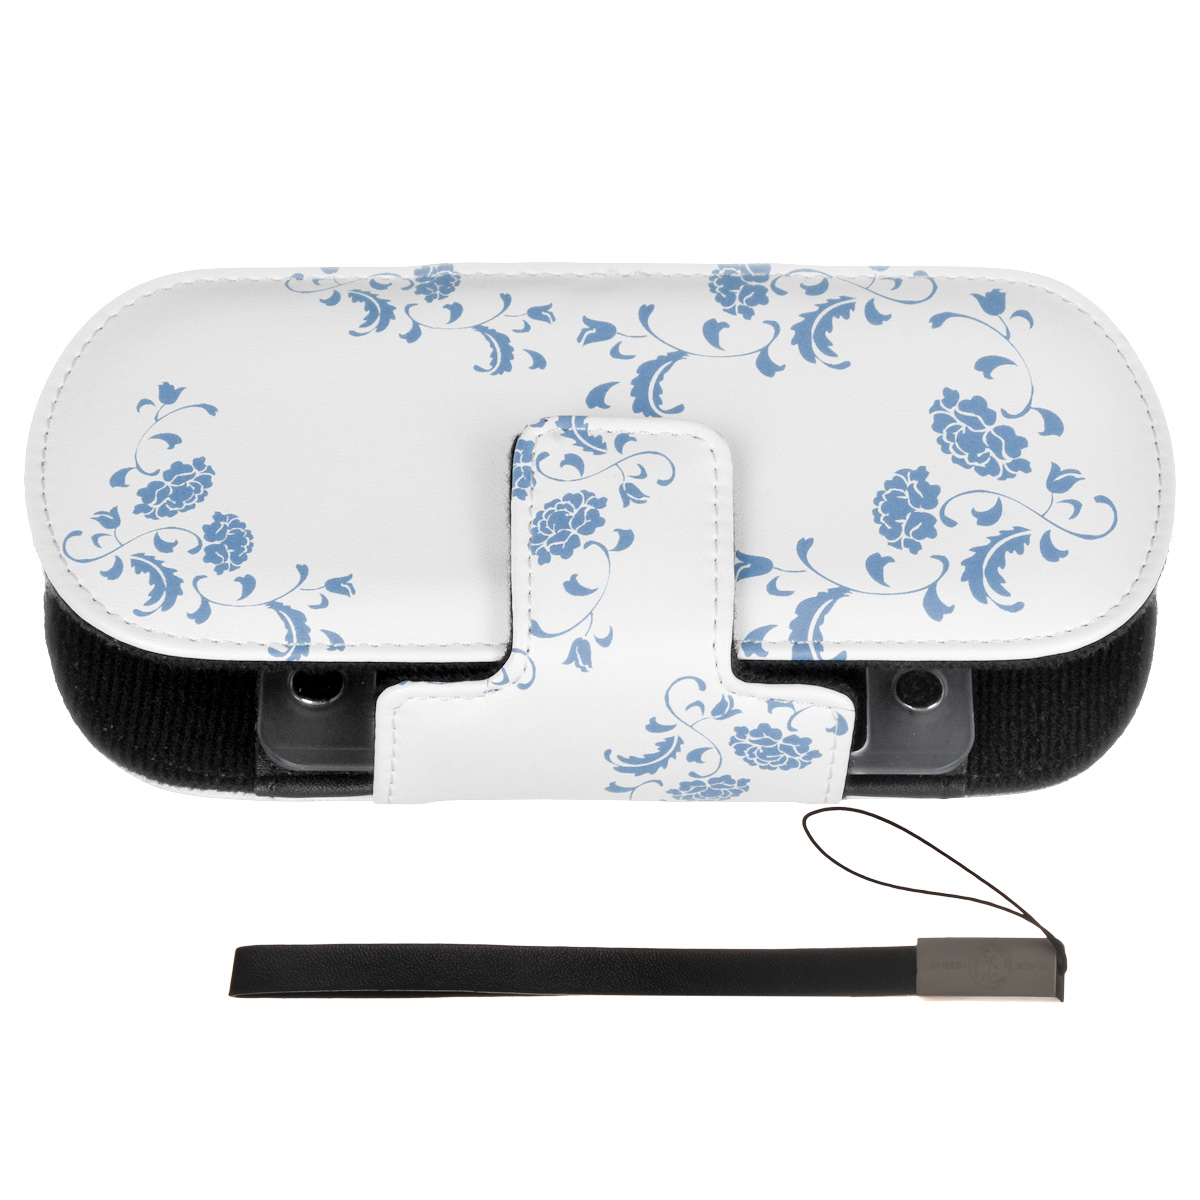 Защитный чехол Free-Style Black Horns для Sony PSP 2000/3000 (N01 Узор бело-голубой)BH-PSP02208(R)Защитный чехол Free-Style Black Horns для Sony PSP 2000/3000 обеспечит сохранность вашей игровой приставки. Оригинальный графический дизайн Free-Style - совершенное сочетание инноваций и традиционного подхода, эффектно подчеркнет вашу индивидуальность. Внутренняя поверхность чехла для PSP выполнена из мягкого текстиля, не царапающего лицевую панель PSP. Специально разработанная для PSP 2000/3000 система внутренних креплений защитит Вашу консоль от потертостей, повреждений и падений. Система внутренних креплений позволяет открыть/закрыть UMD-привод не вынимая приставку из чехла. Специальные крепления внутри чехла надежно фиксируют PSP, обеспечивая свободный доступ ко всем кнопкам управления, USB-порту, Wi-Fi и UMD-приводу. Чехол можно использовать в качестве подставки при просмотре фильмов, картинок или при прослушивании музыки. На задней части чехла расположены два кармашка под карточки памяти. Чехол оснащен удобной и надежной магнитной застежкой, а также стильным и практичным ремешком на руку, выполненным из высококачественных материалов.